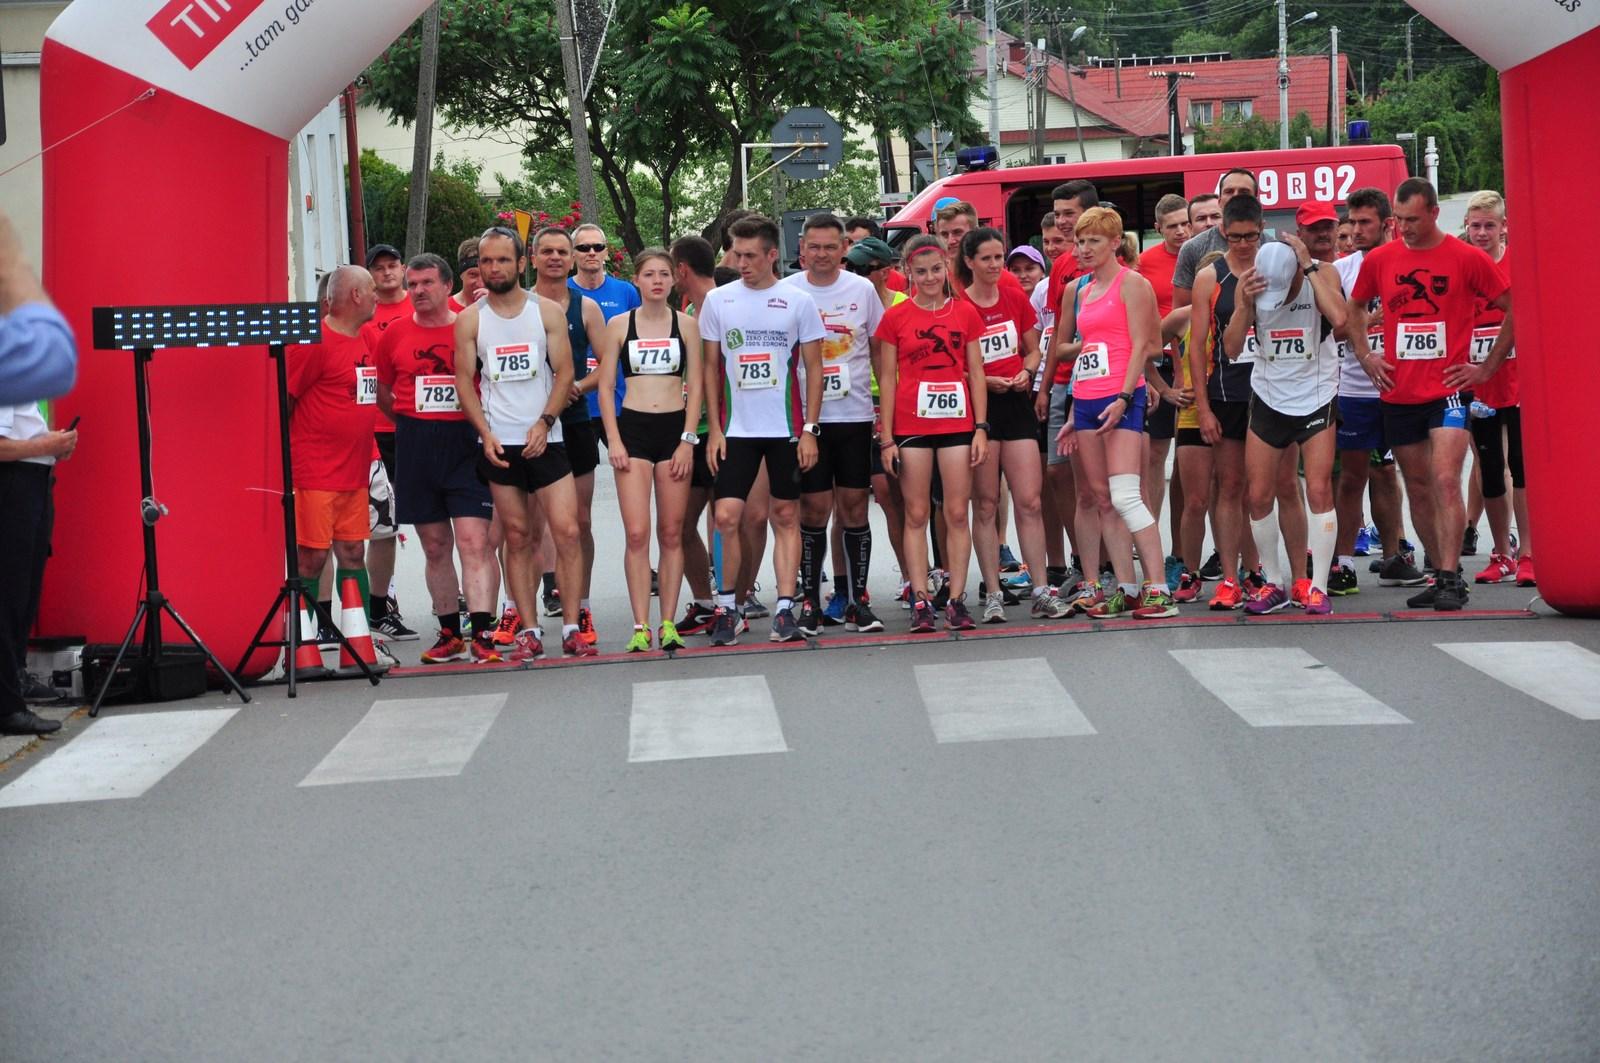 Raniżów. 49 osób wystartowało w biegu na 10 km podczas Dni Raniżowa. Uczestnicy biegu pomogli w ten sposób 11-letniej dziewczynce, która walczy o sprawność  - Zdjęcie główne